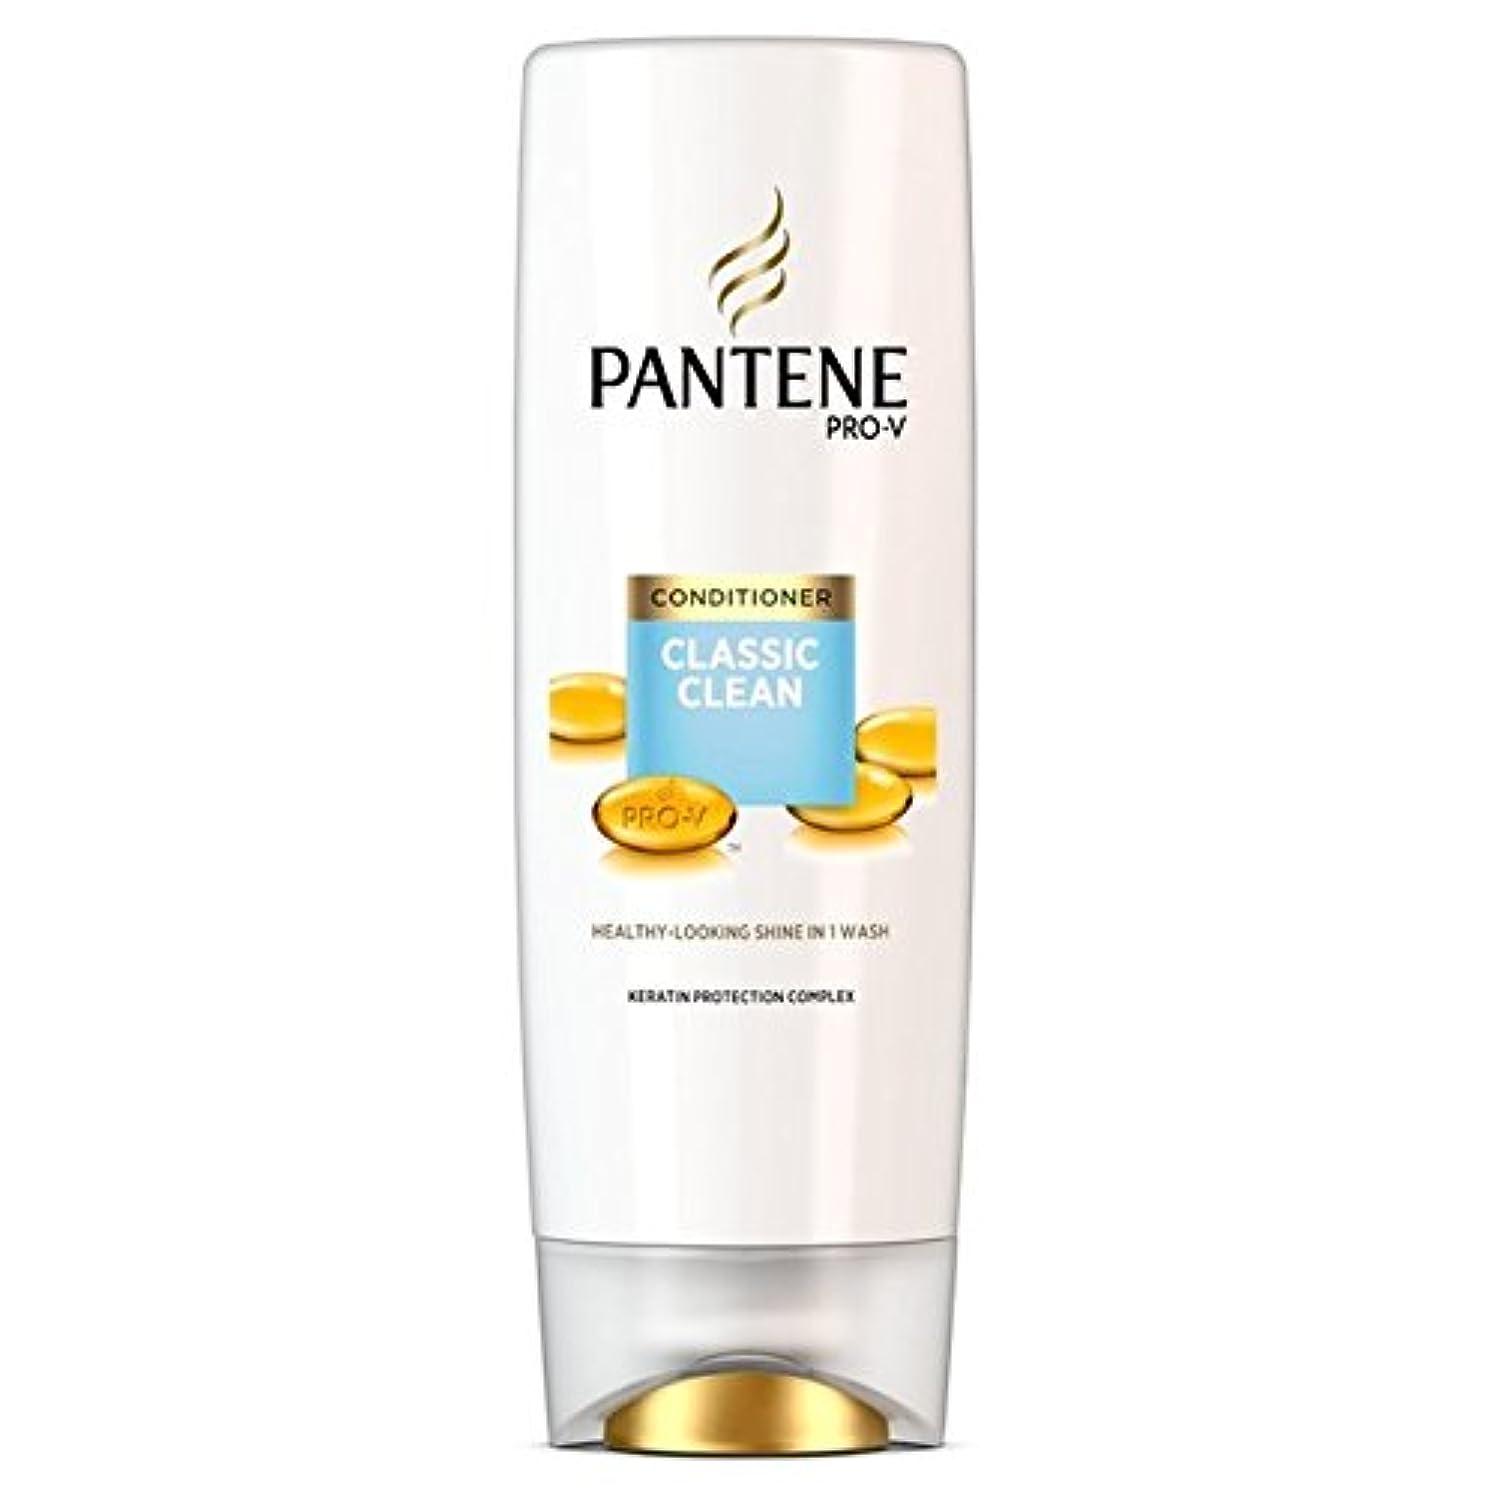 パンテーン古典的なクリーンコンディショナー360ミリリットル x4 - Pantene Classic Clean Conditioner 360ml (Pack of 4) [並行輸入品]